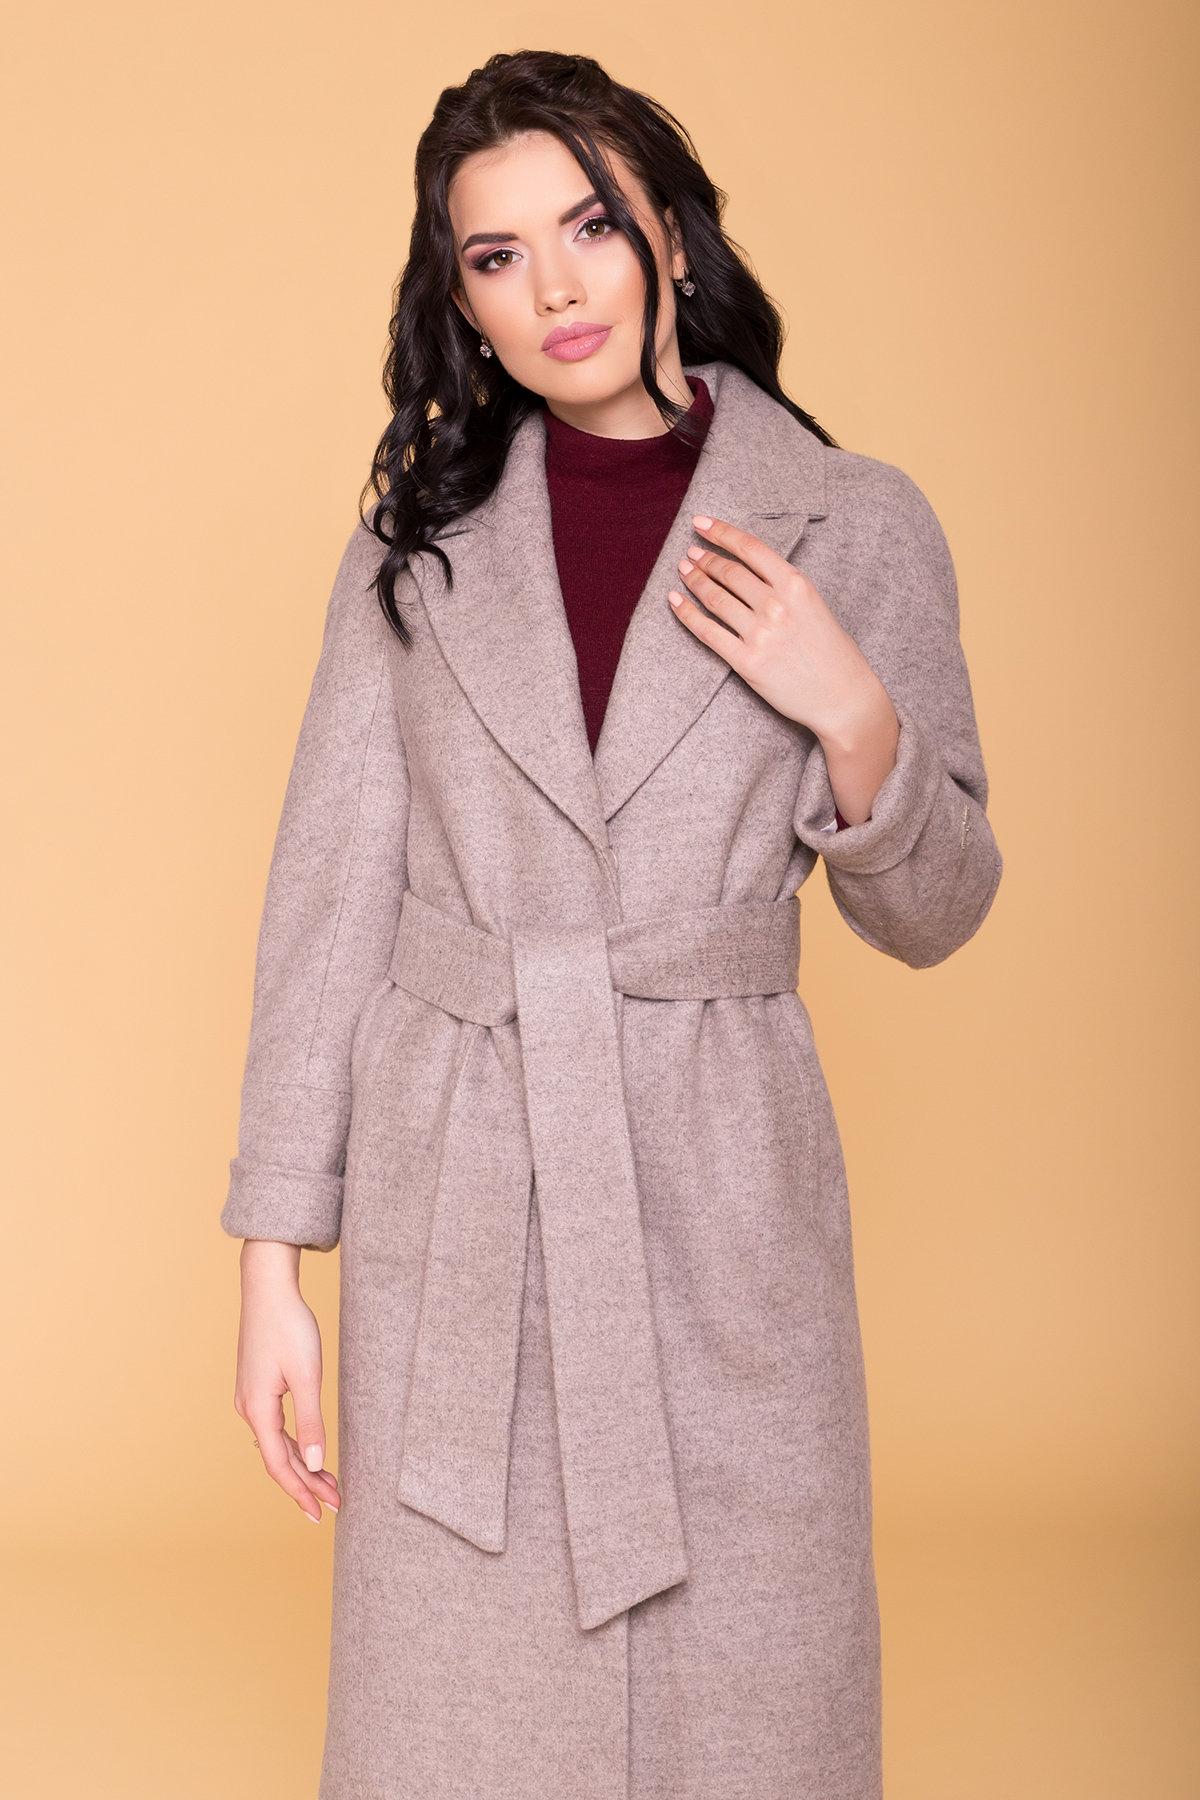 Пальто Верди 6205 АРТ. 41214 Цвет: Бежевый 31 - фото 6, интернет магазин tm-modus.ru